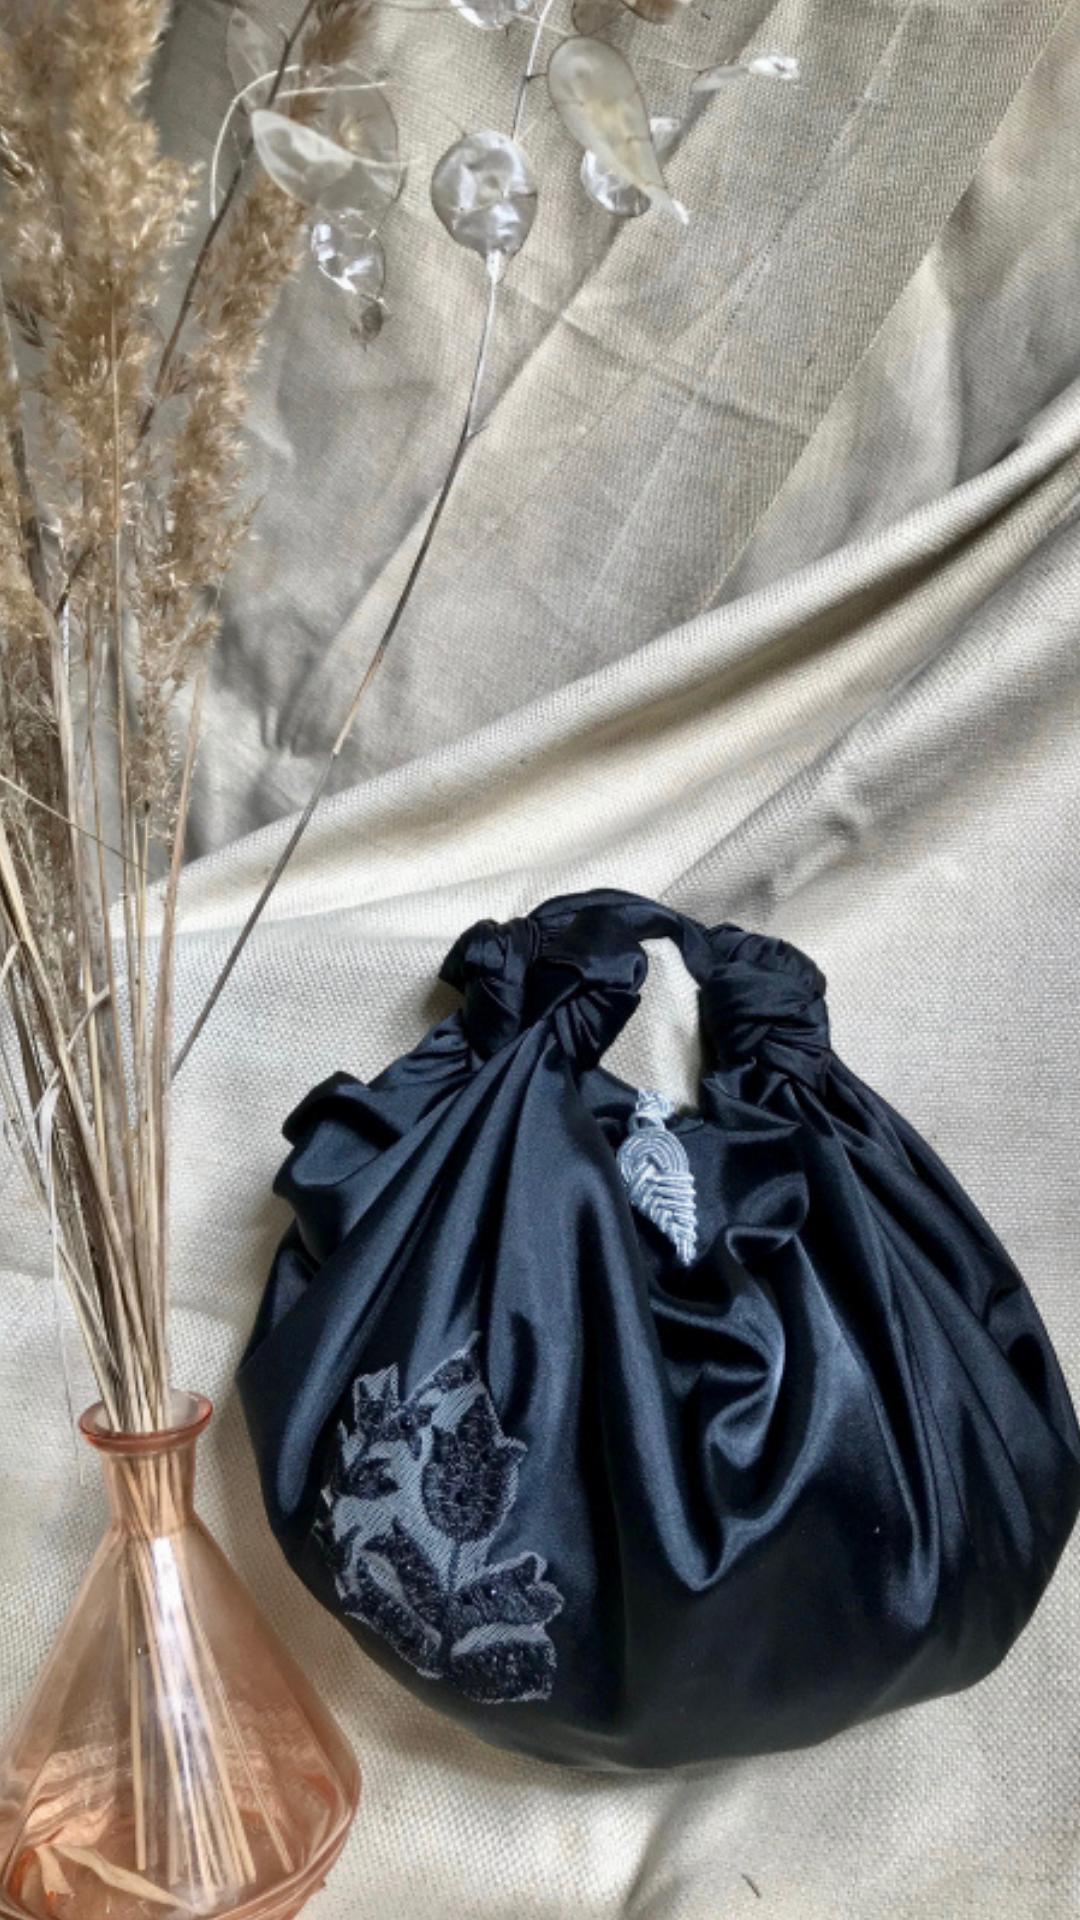 Raven Embellished Bag